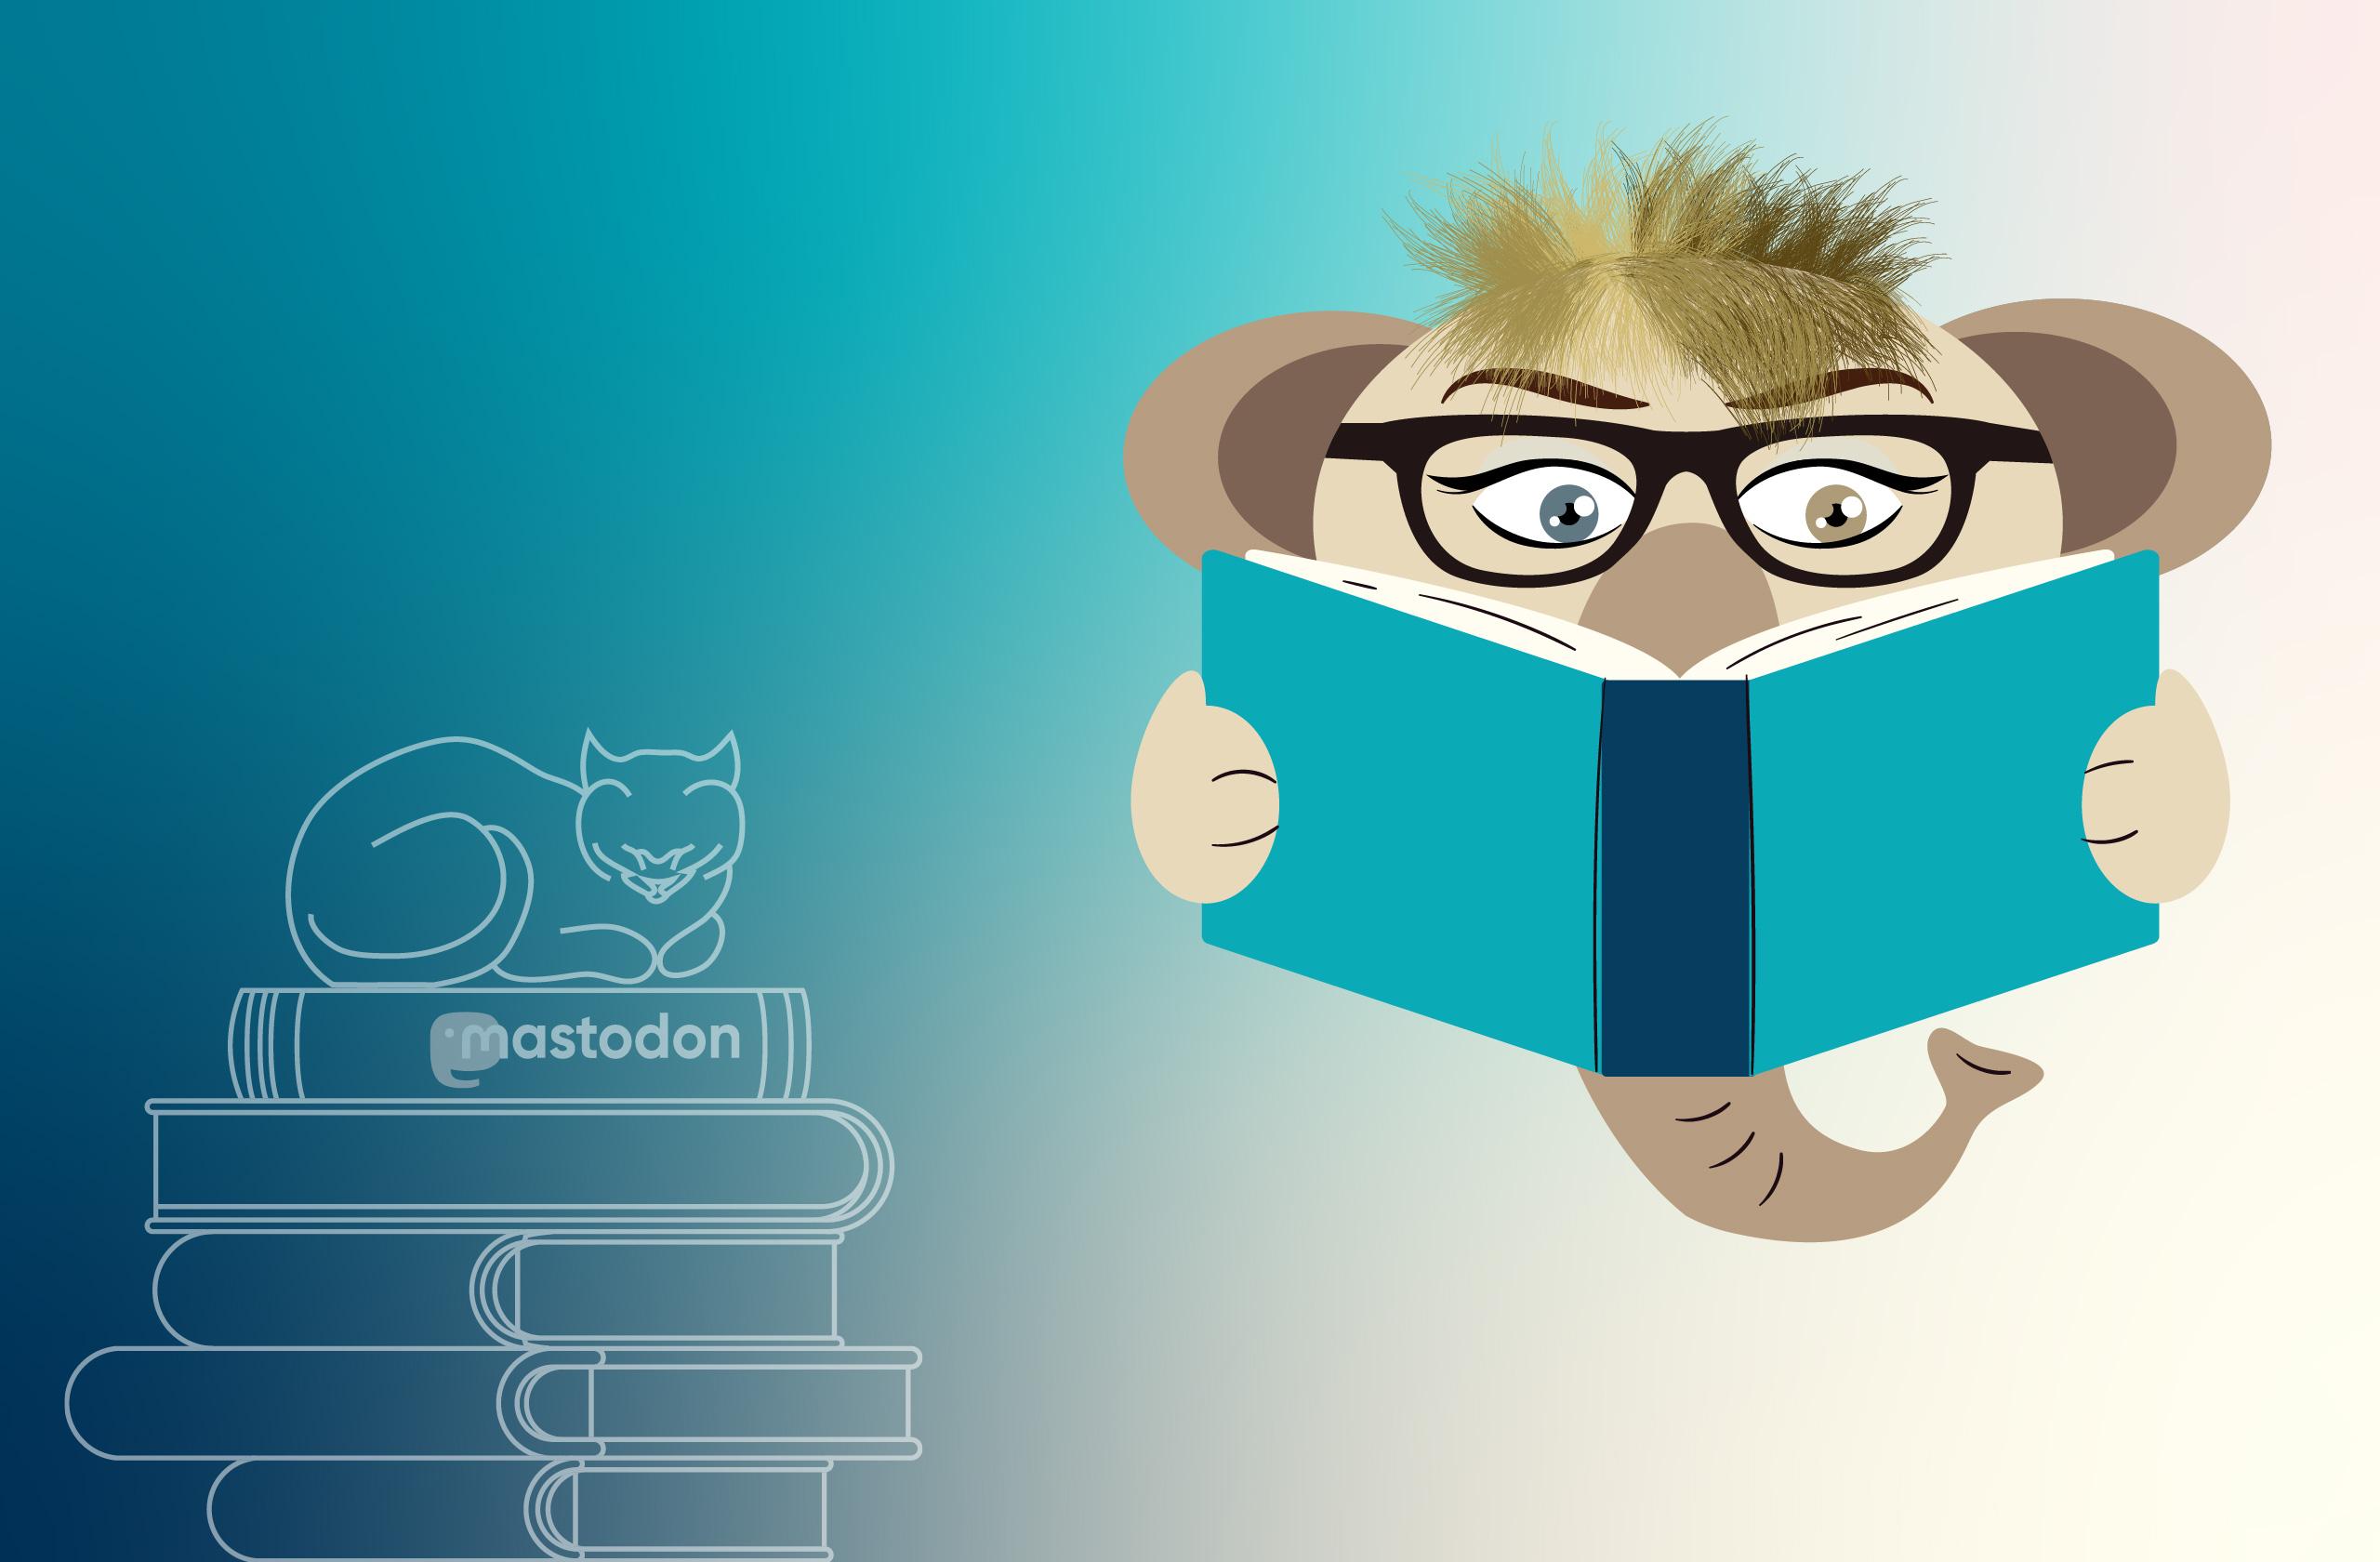 links: Bücherstapel mit Katze, rechts: Mastodon mit Brille und Buch vor dem Rüssel